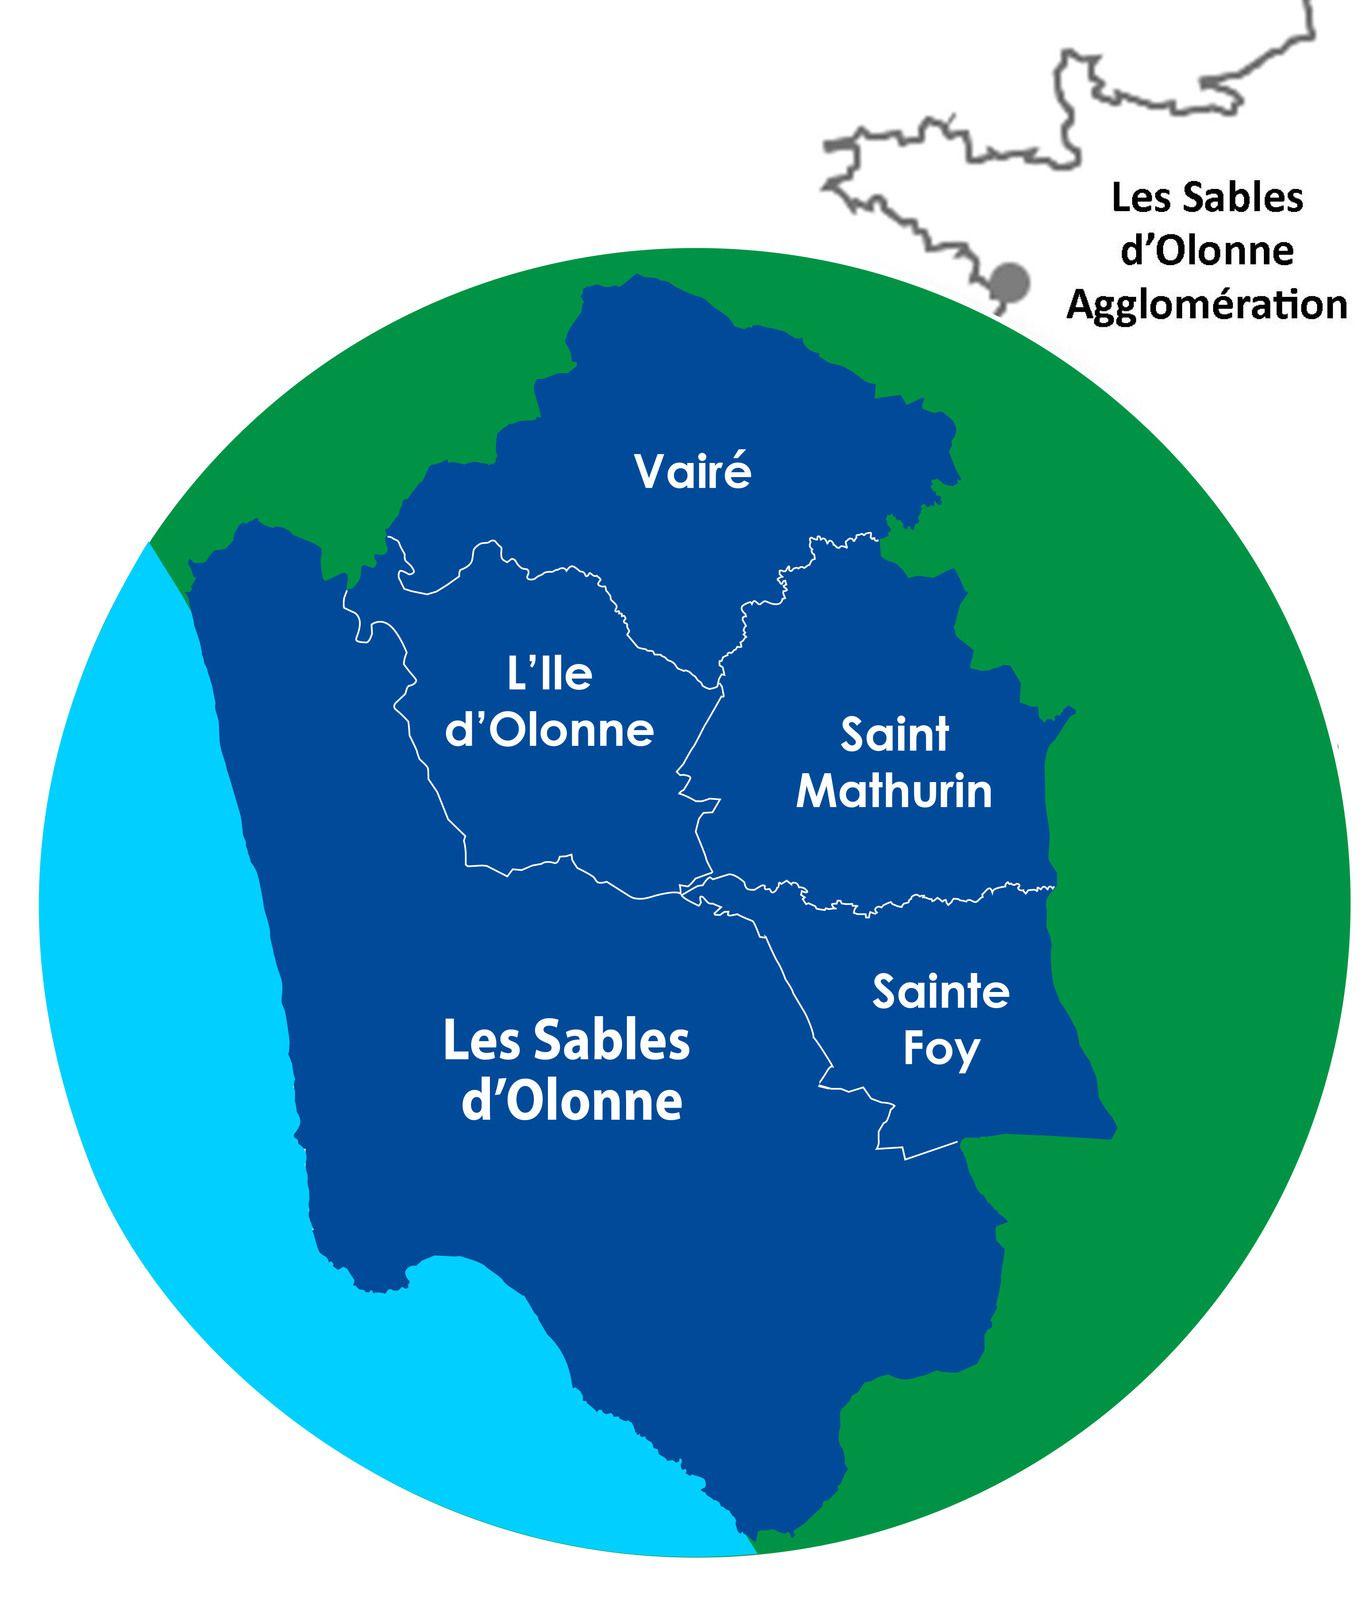 LES SABLES D'OLONNE AGGLOMÉRATION : UN TERRITOIRE COHÉRENT, UN RÉEL BASSIN D'EMPLOI